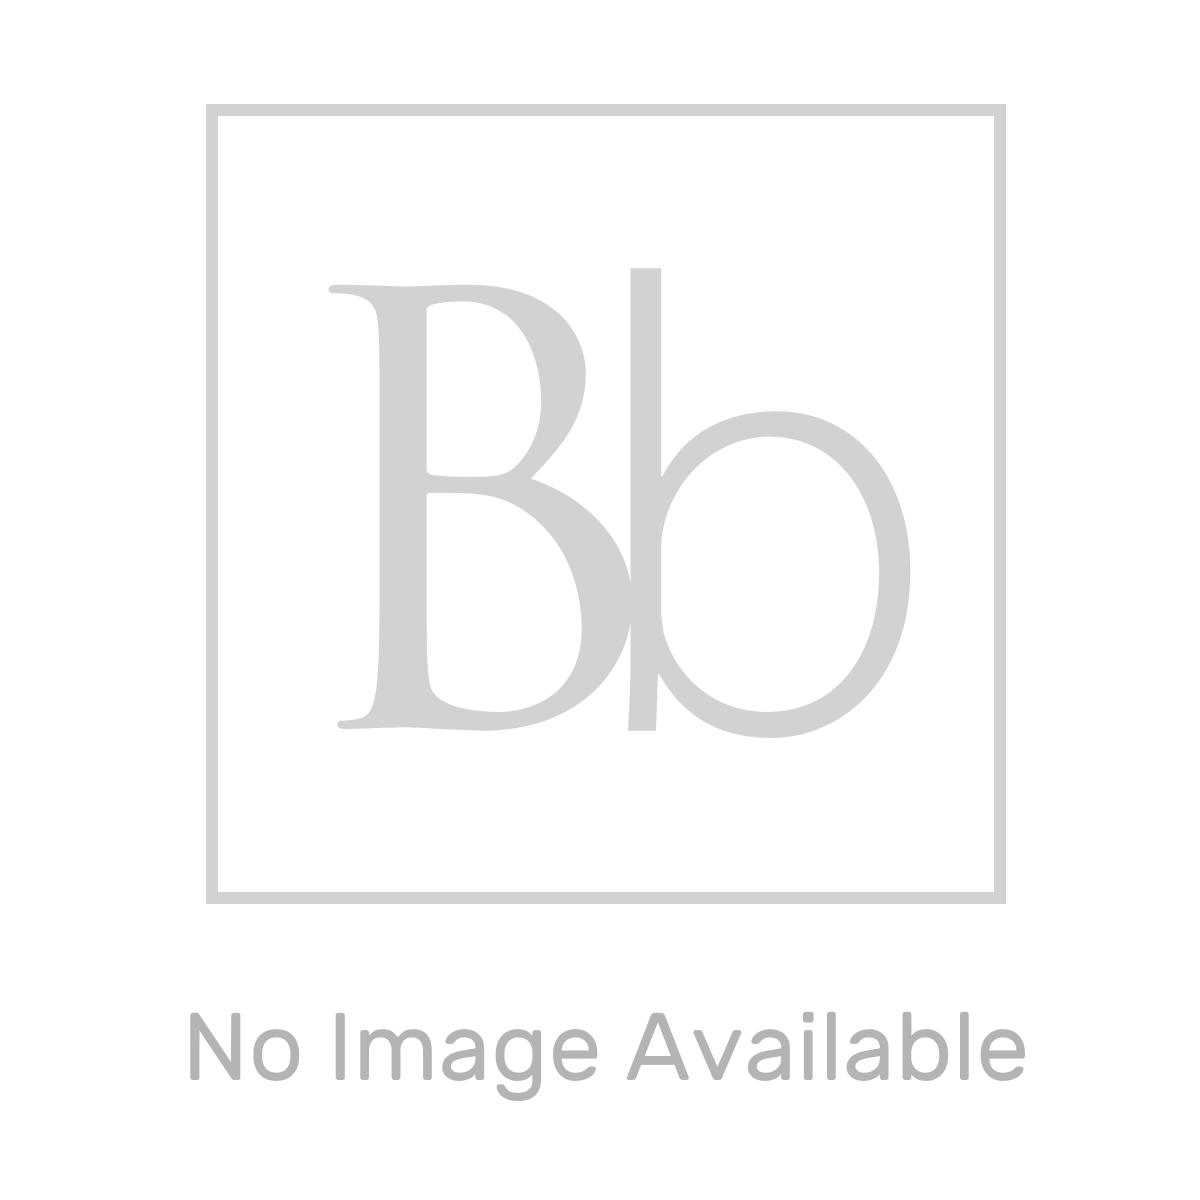 Salamander S Flange - Diagram 1